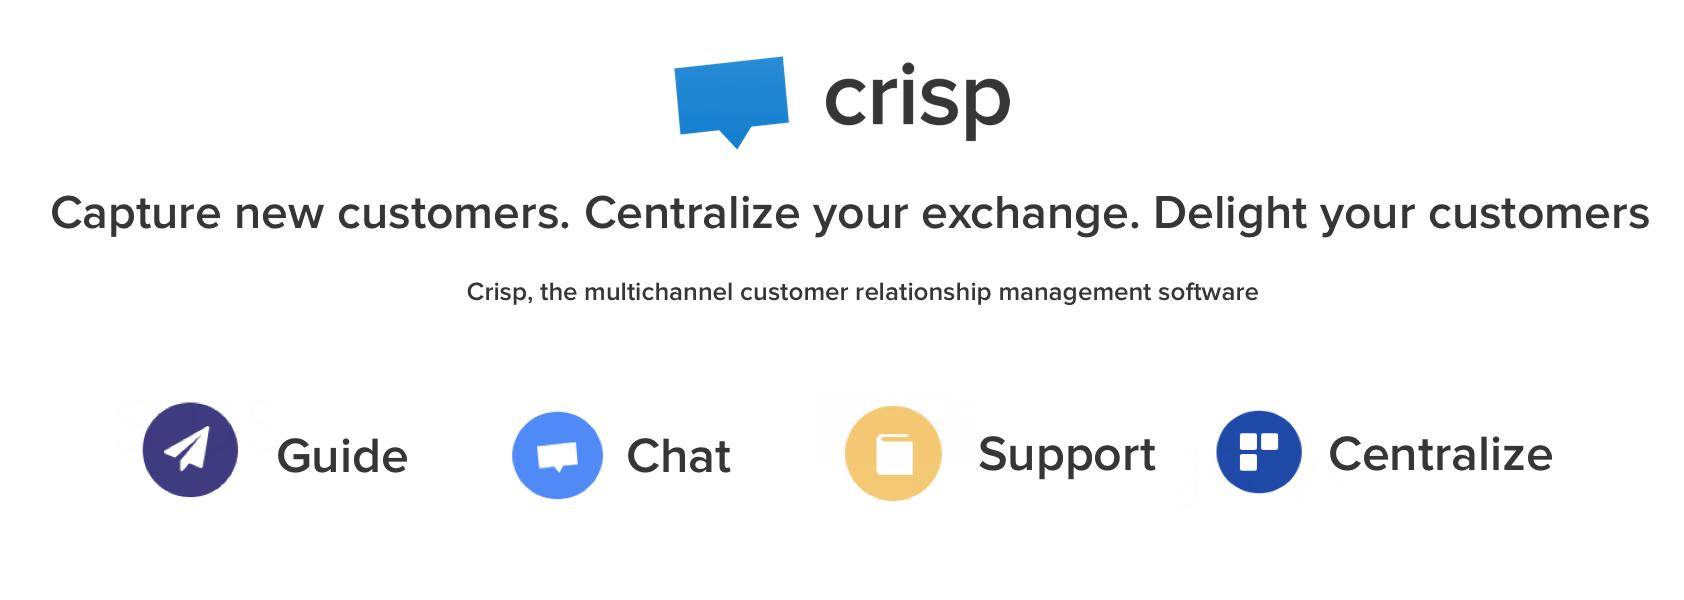 Avaliação Crisp: plataforma de conversação para PMEs - Appvizer